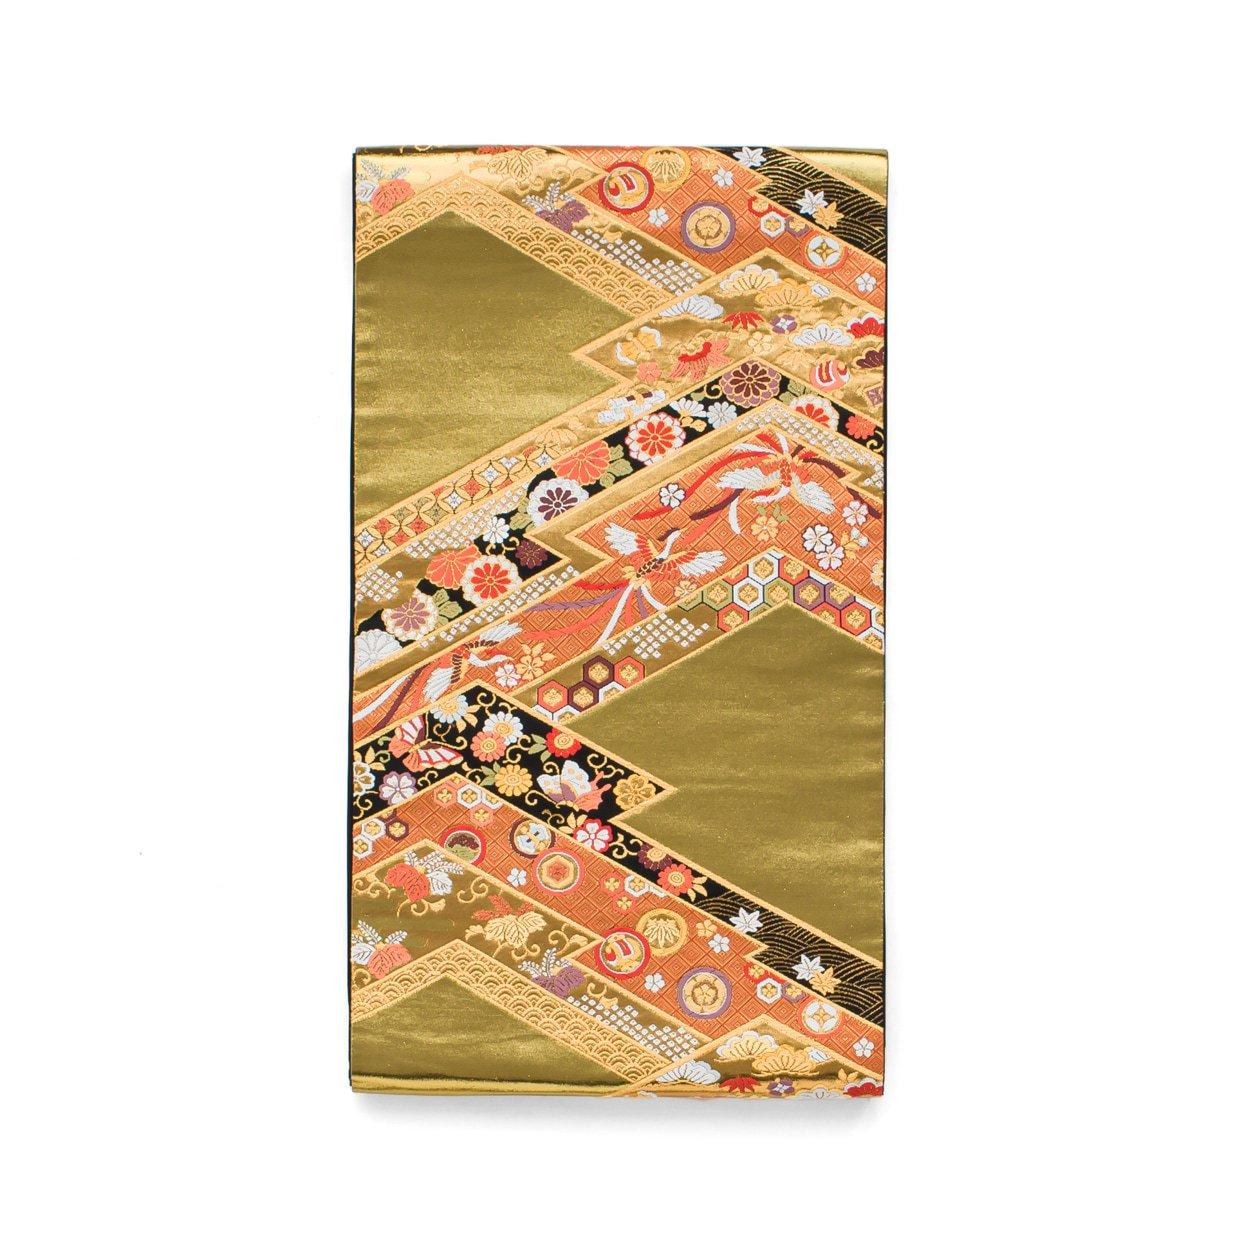 「袋帯●松皮菱取りに鳳凰や蝶」の商品画像